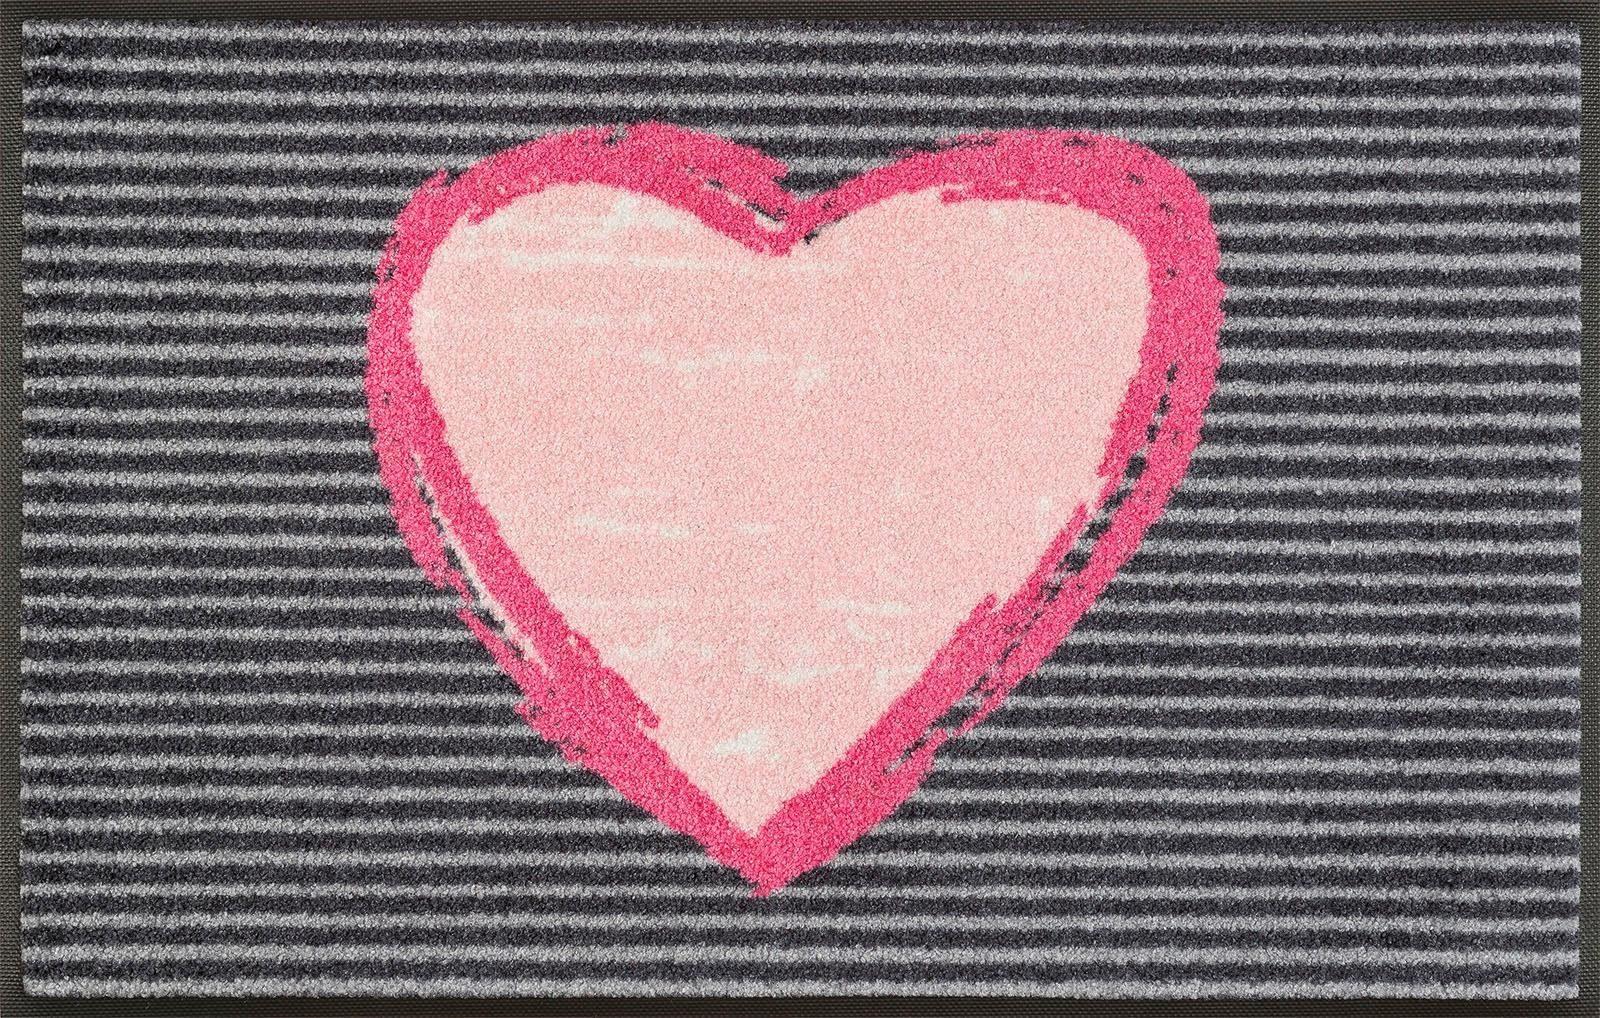 Fußmatte »Rose Heart«, wash+dry by Kleen-Tex, rechteckig, Höhe 7 mm